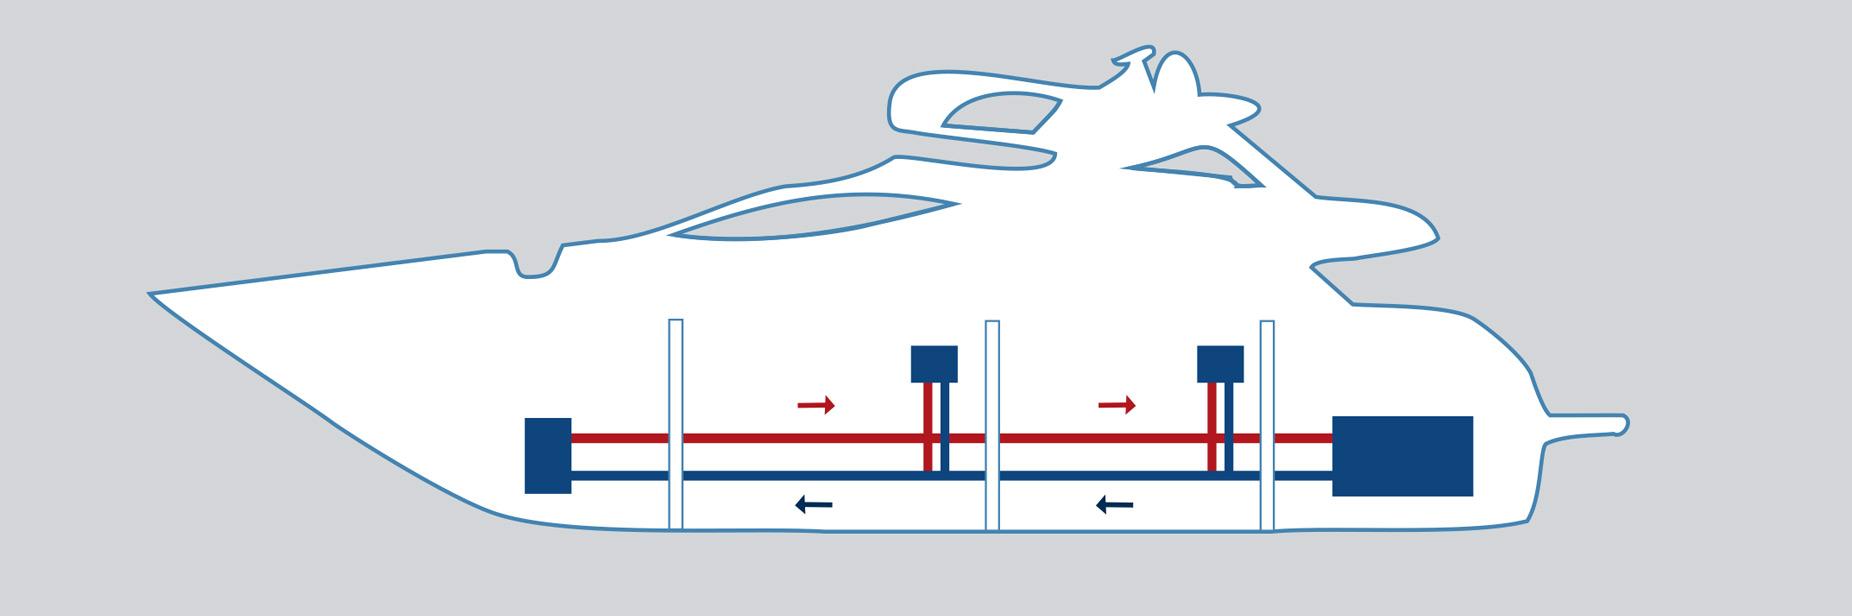 Einbaubeispiel mit PLEXUS Kaltwassererzeuger